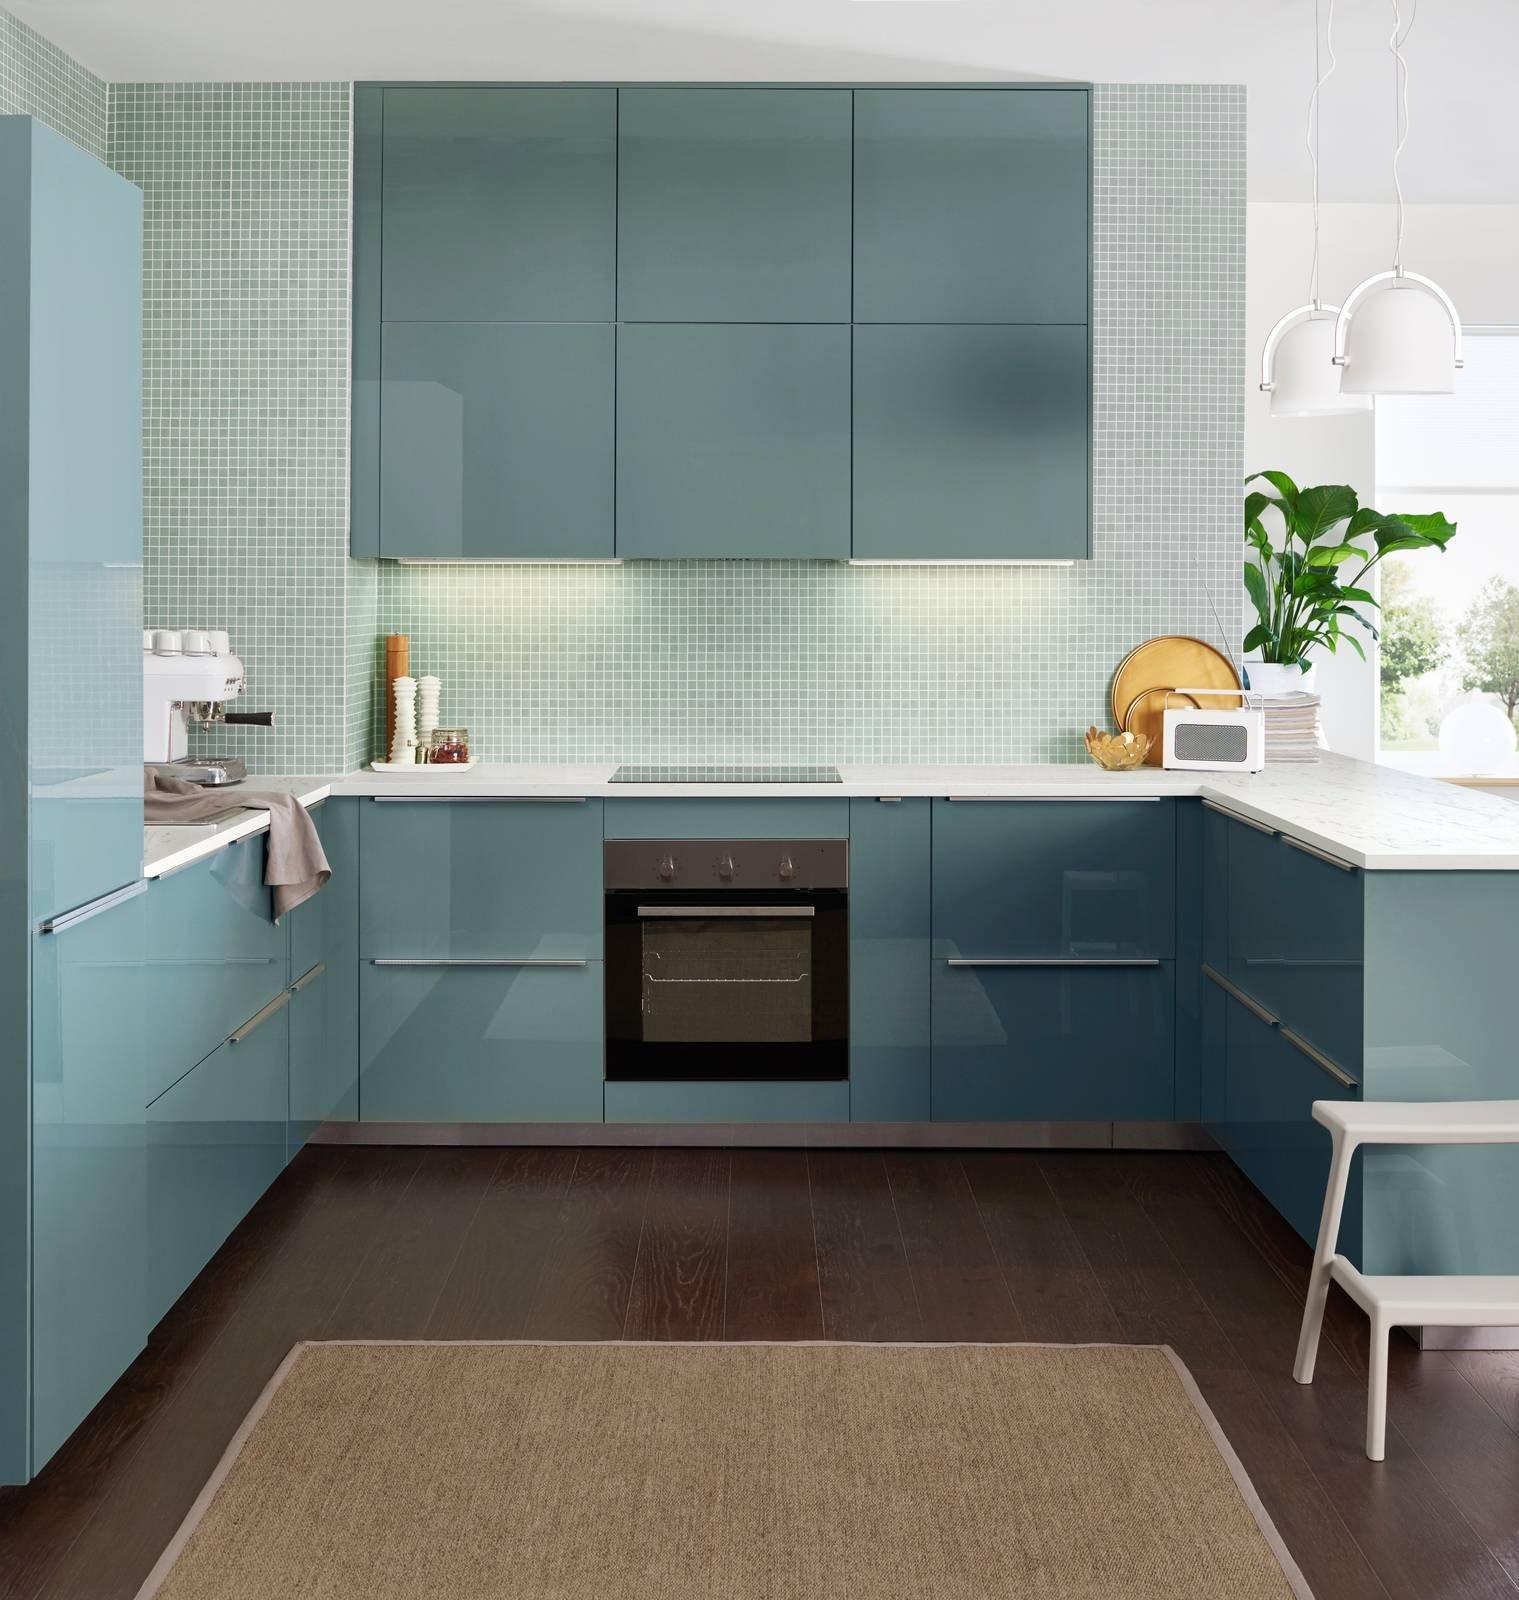 La cucina a u raccolta ergonomica funzionale cose di casa - Immagini cucine ikea ...